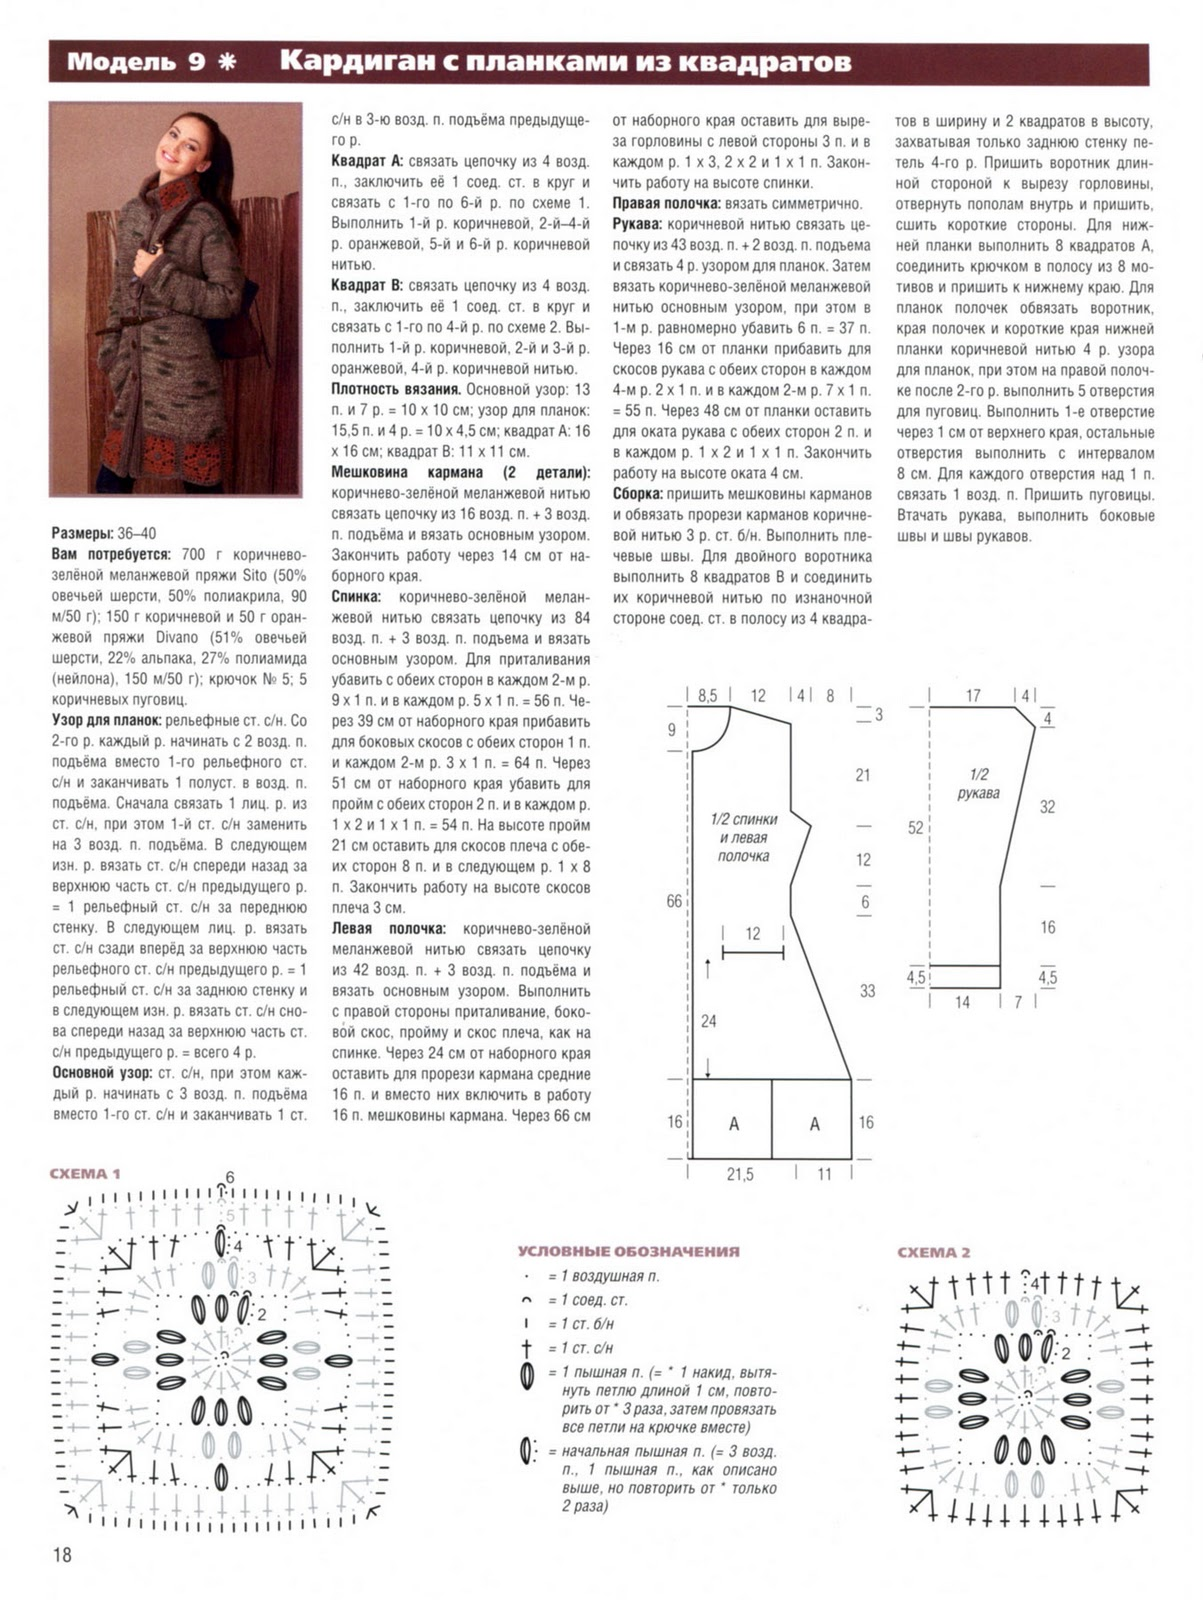 Кардиган крючком схемы и описание спицами